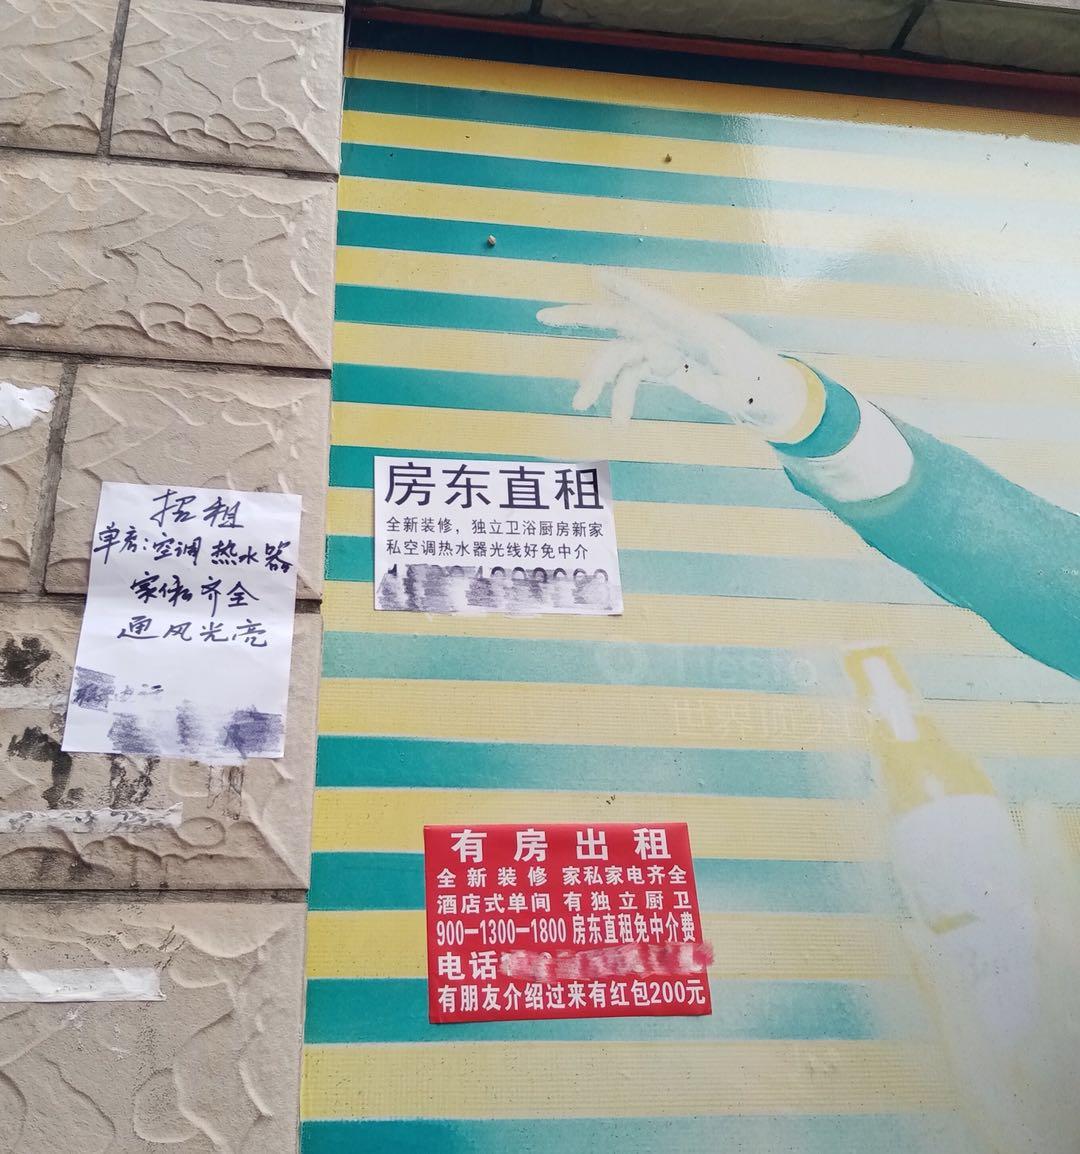 廣州螞蟻運輸搬遷 公司特寫丨業主降租金、二房東貼錢找客源,深圳城